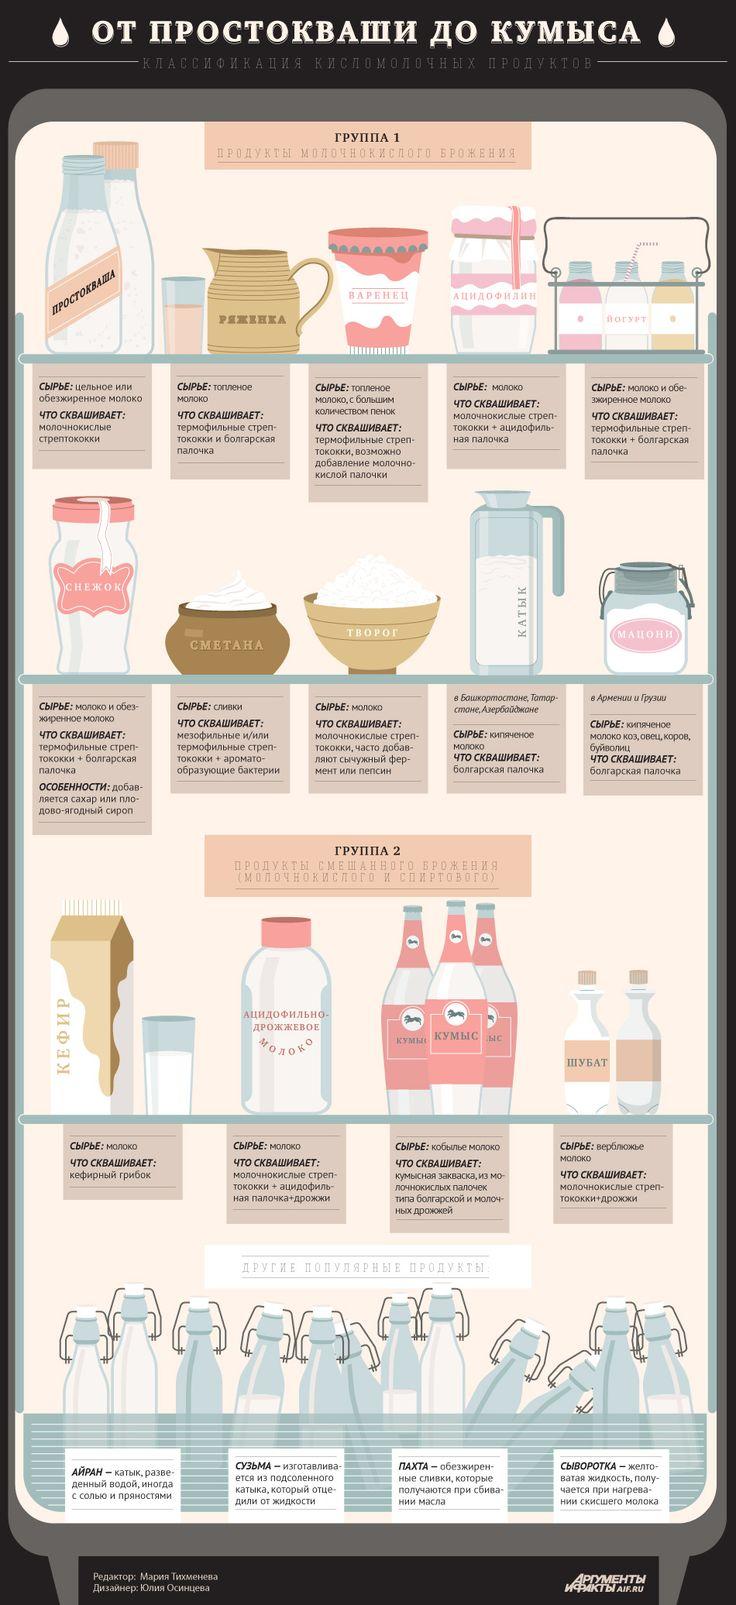 Кисломолочные продукты: как получаются и чем различаются.